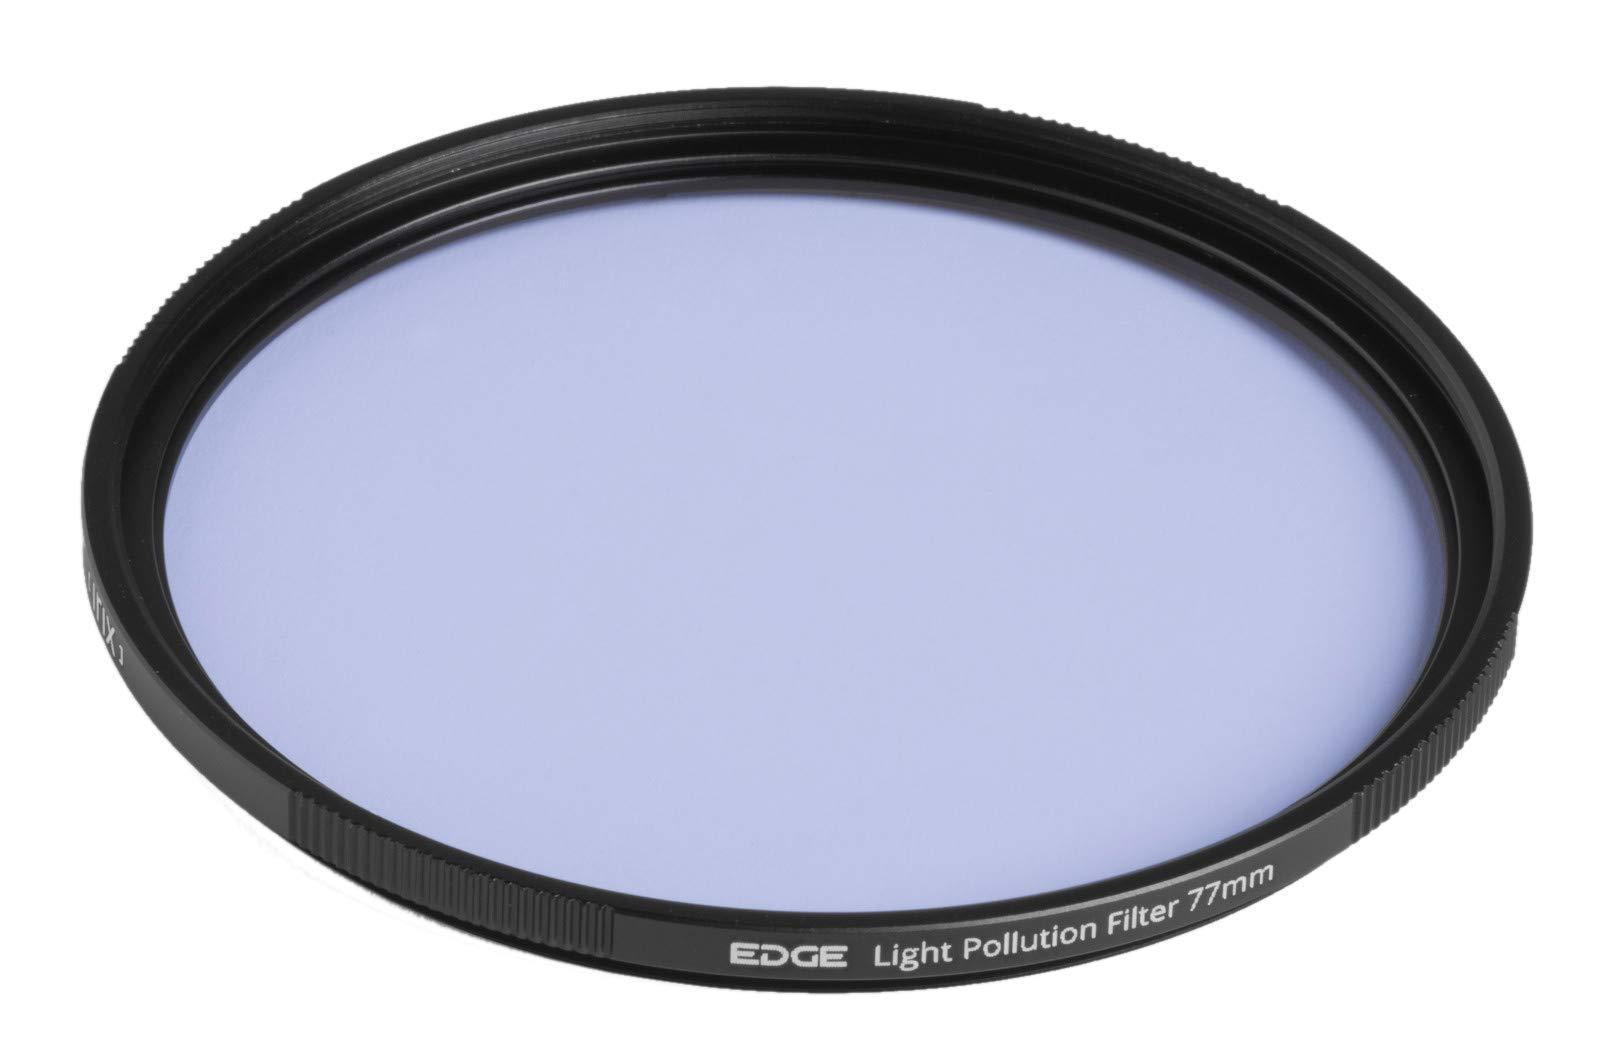 Irix Edge Light Pollution Filter 77mm by Irix